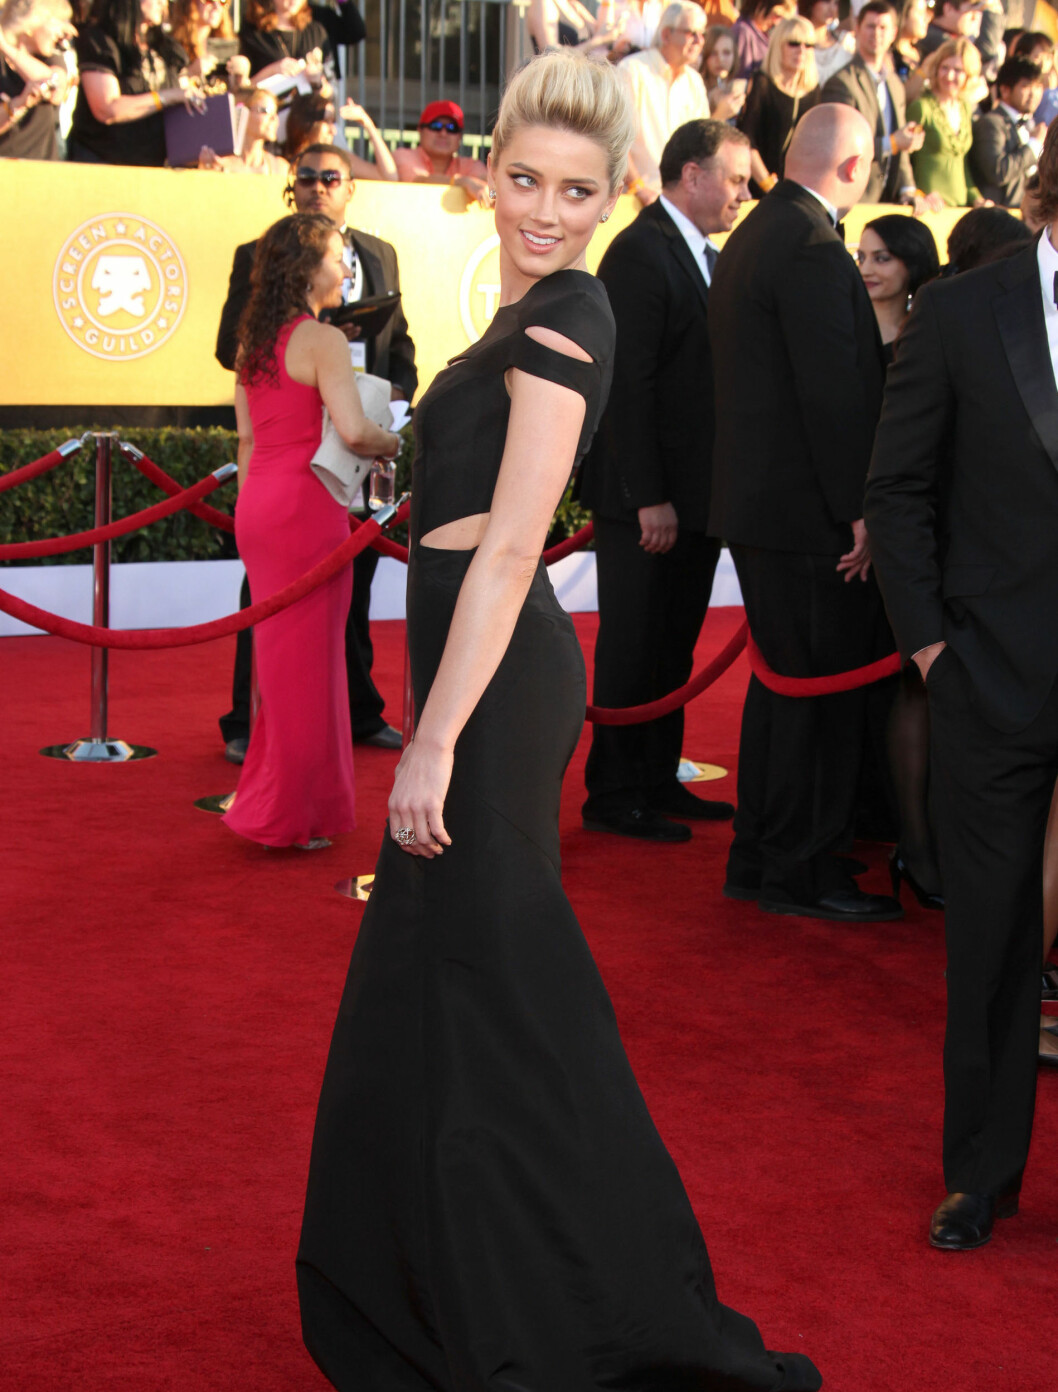 MODERNE KLASSIKER: Den vakre modellen og skuespilleren Amber Heard (25) valgte en moderne Zac Posen-kjole med åpne partier og sexy havfruesilhuett.  Foto: All Over Press